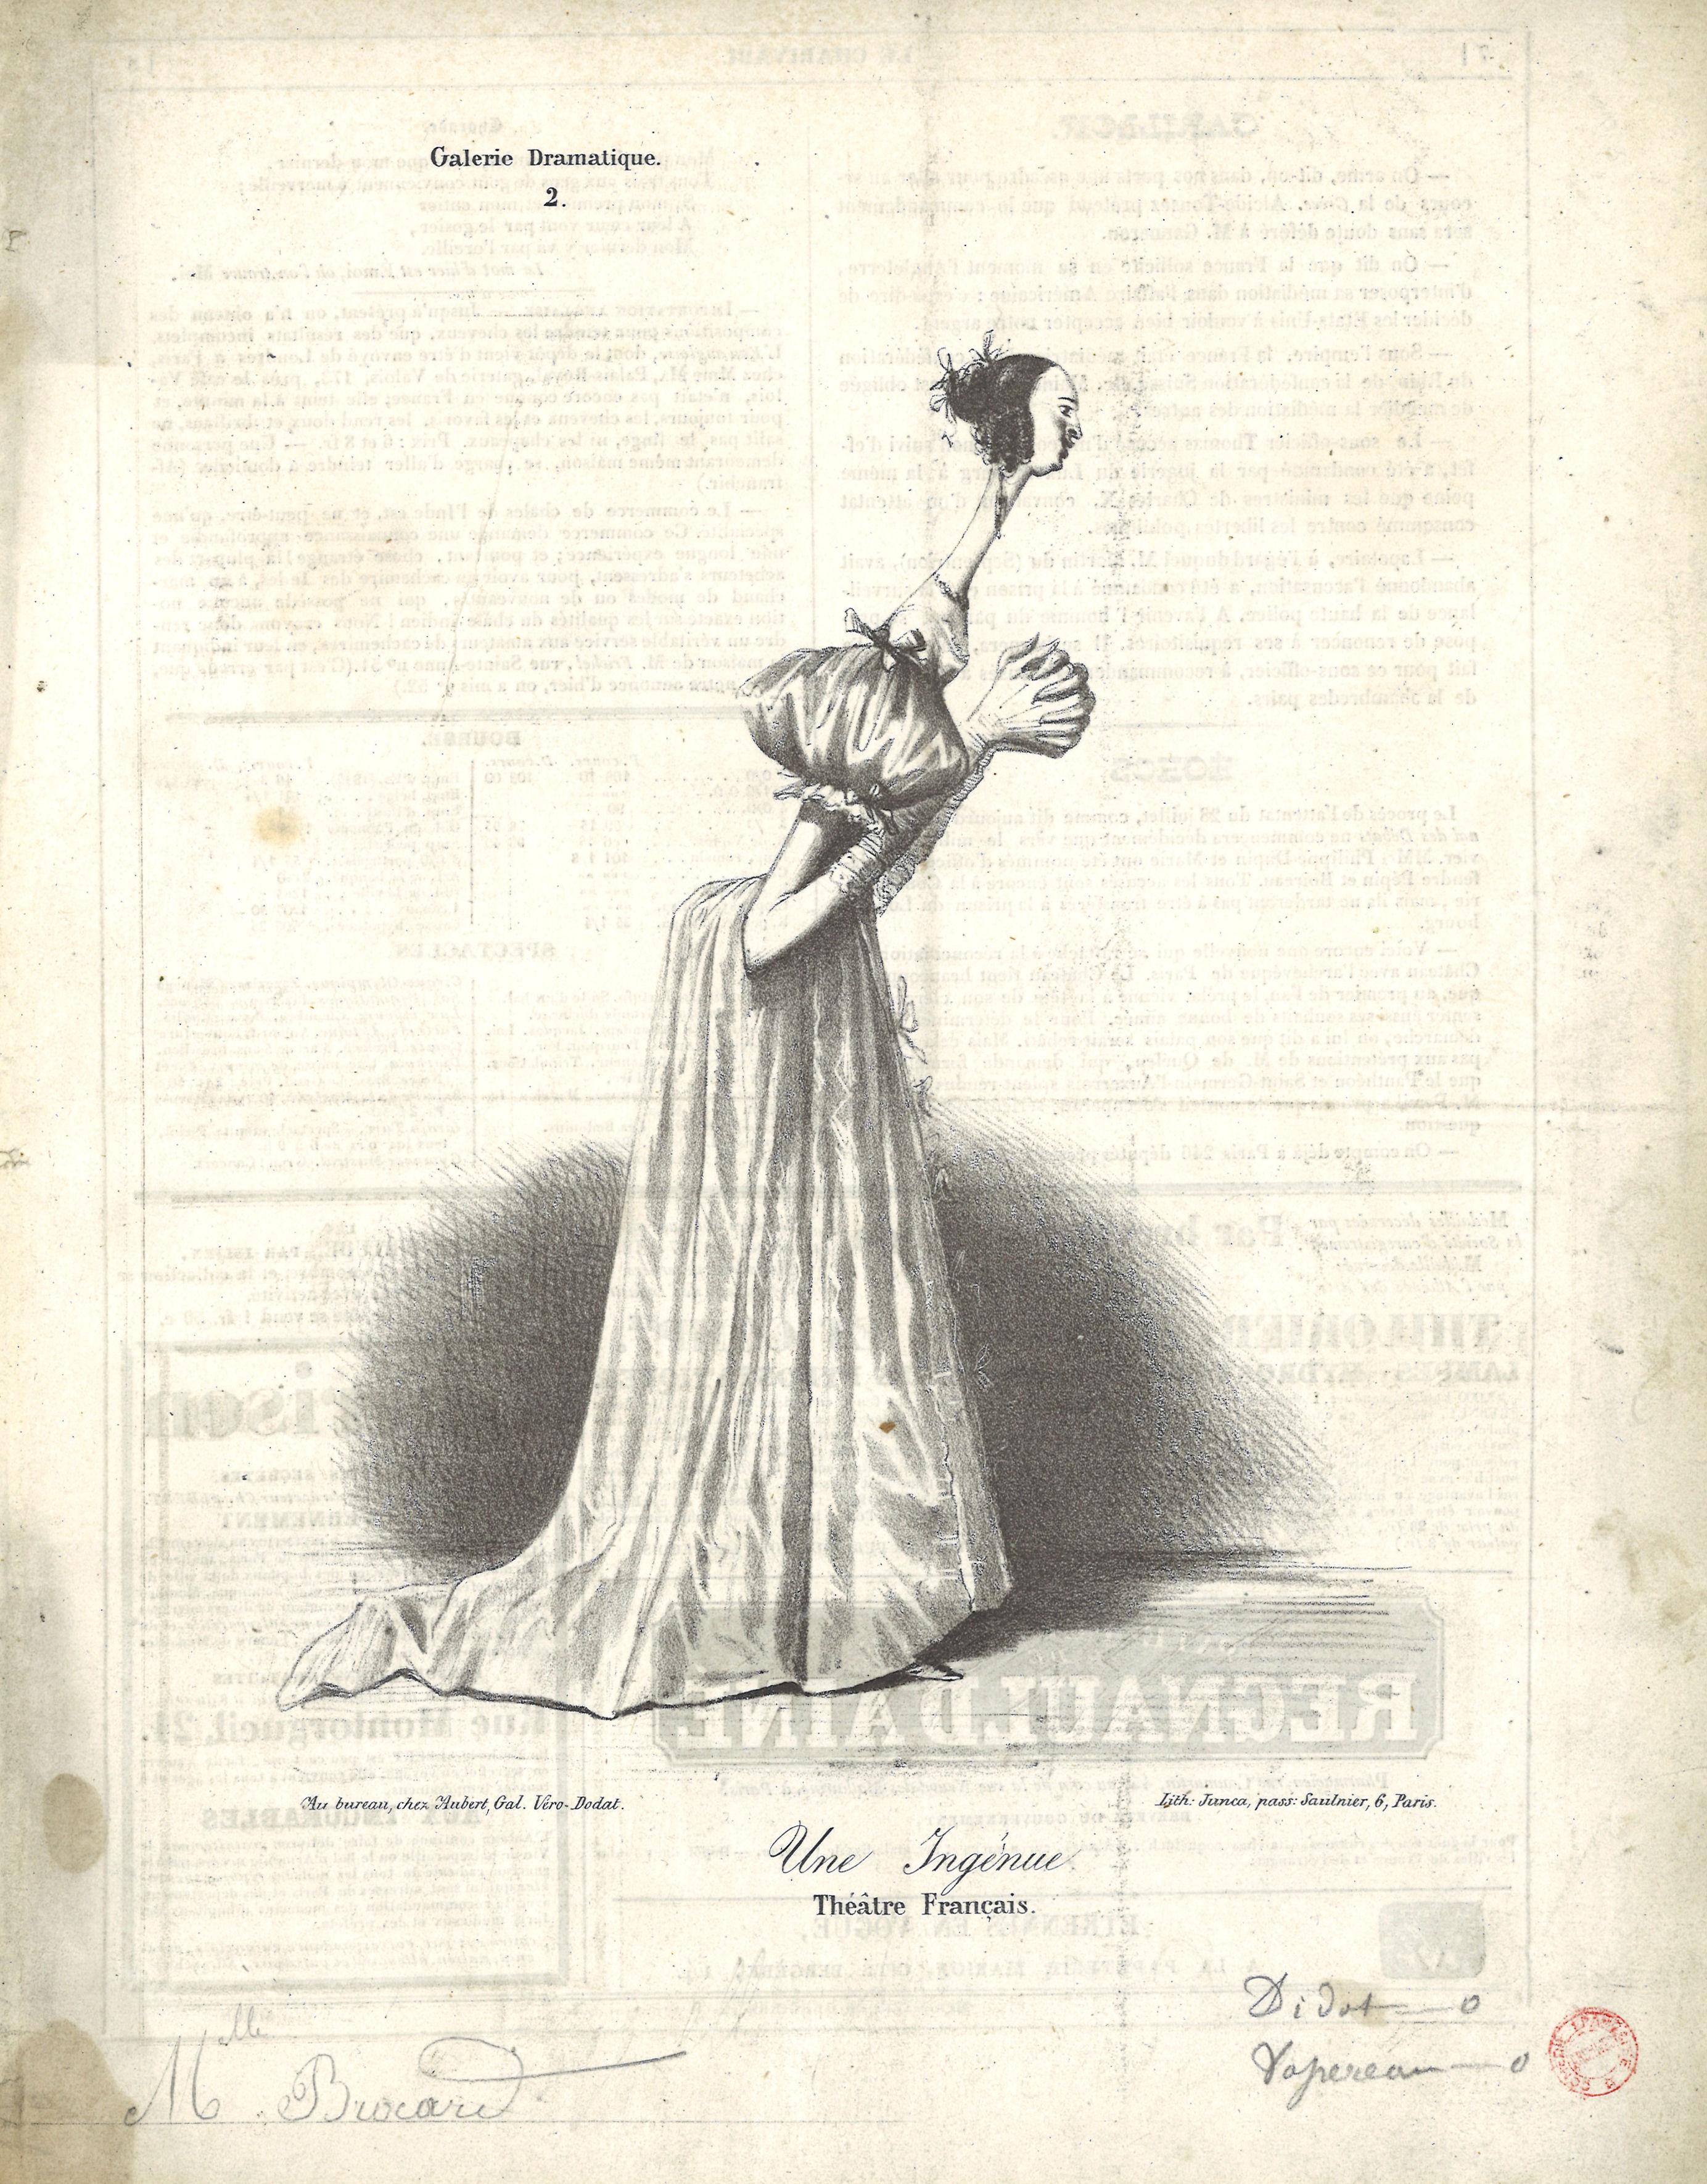 11-mlle-brocard-caricature-une-ingc-nue-thc-e-tre-frana-ais-le-charivari